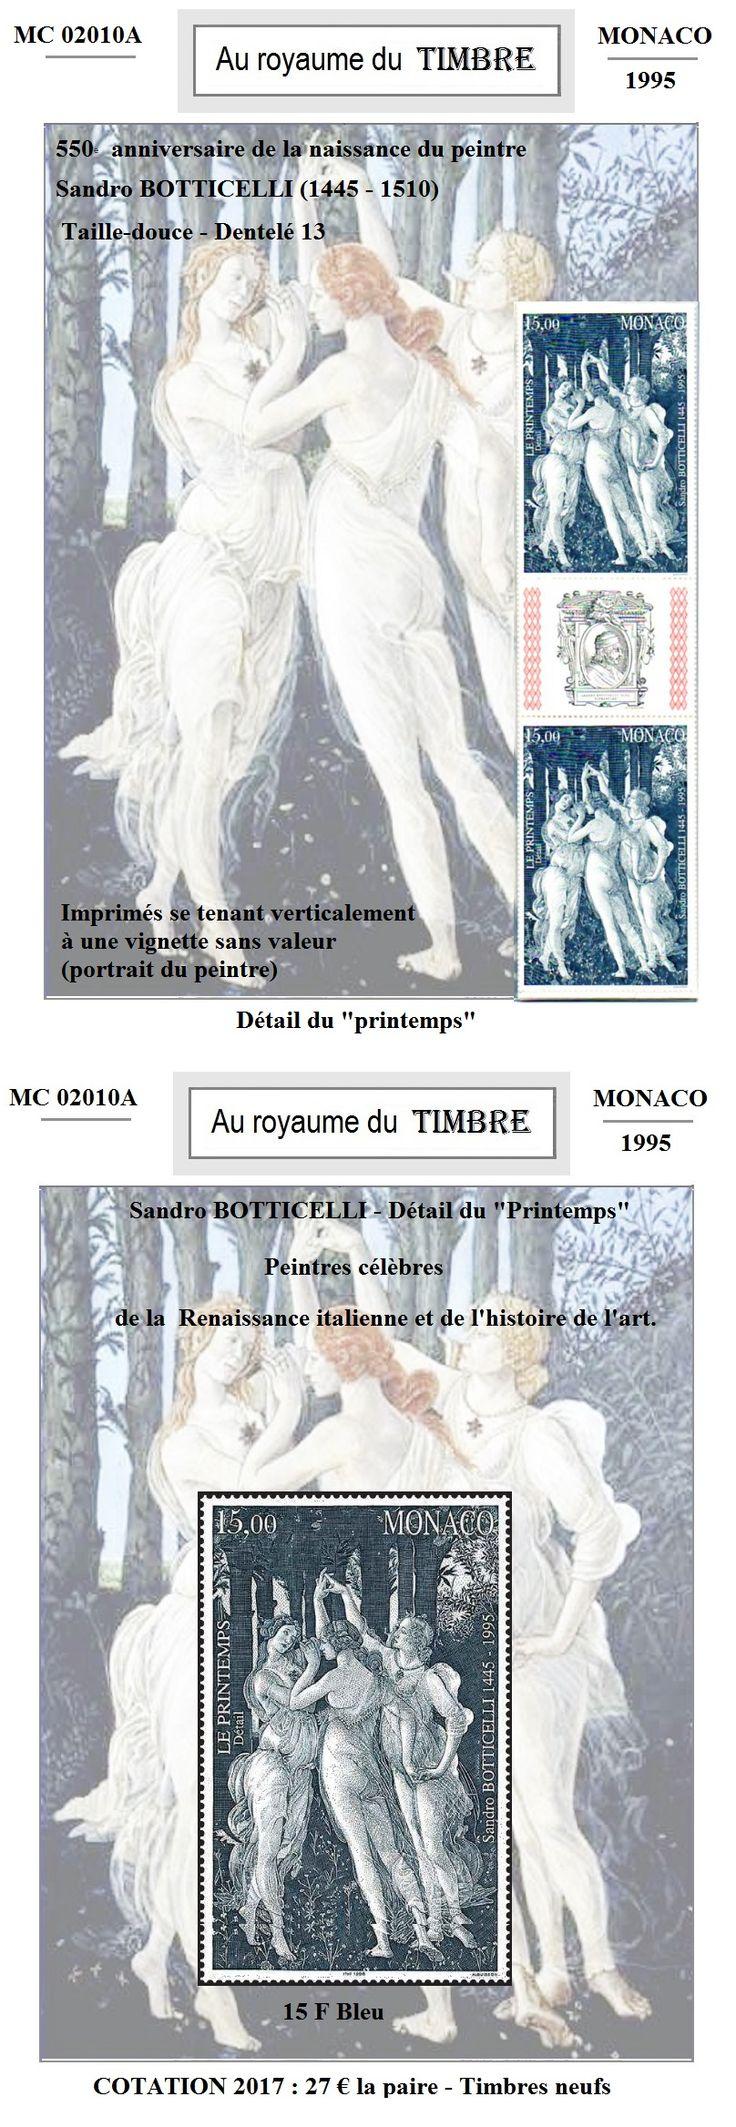 MC 02010 - 1995 - Anniversaire naissance de Botticeli. C'est une présentation unique qui vous est proposée, avec un emplacement sur mesure pour chaque timbre ; le support est collé sur le papier photo. Le timbre est glissé à l'intérieur. Ce système est très coûteux en temps et rendrait cette présentation invendable s'il en était tenu compte intégralement. Prix de l'article : 27 € Hors frais de livraison